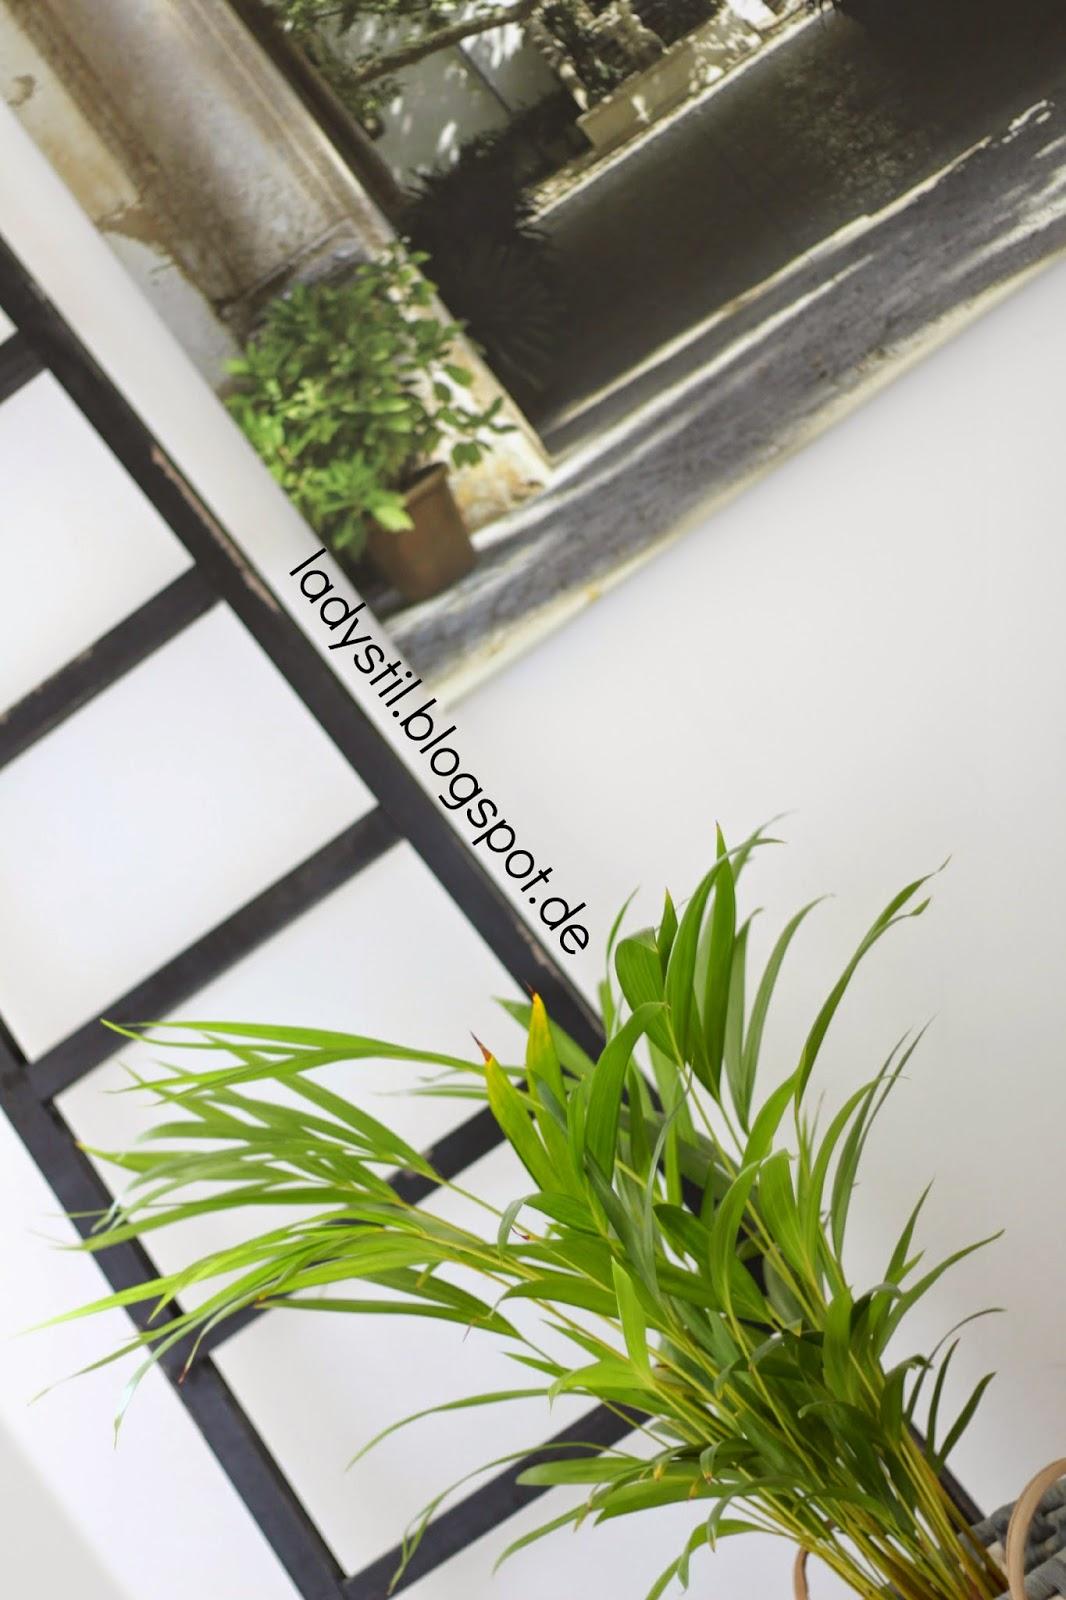 Schräges Bild der Leiter mit Leinwand und Pflanze